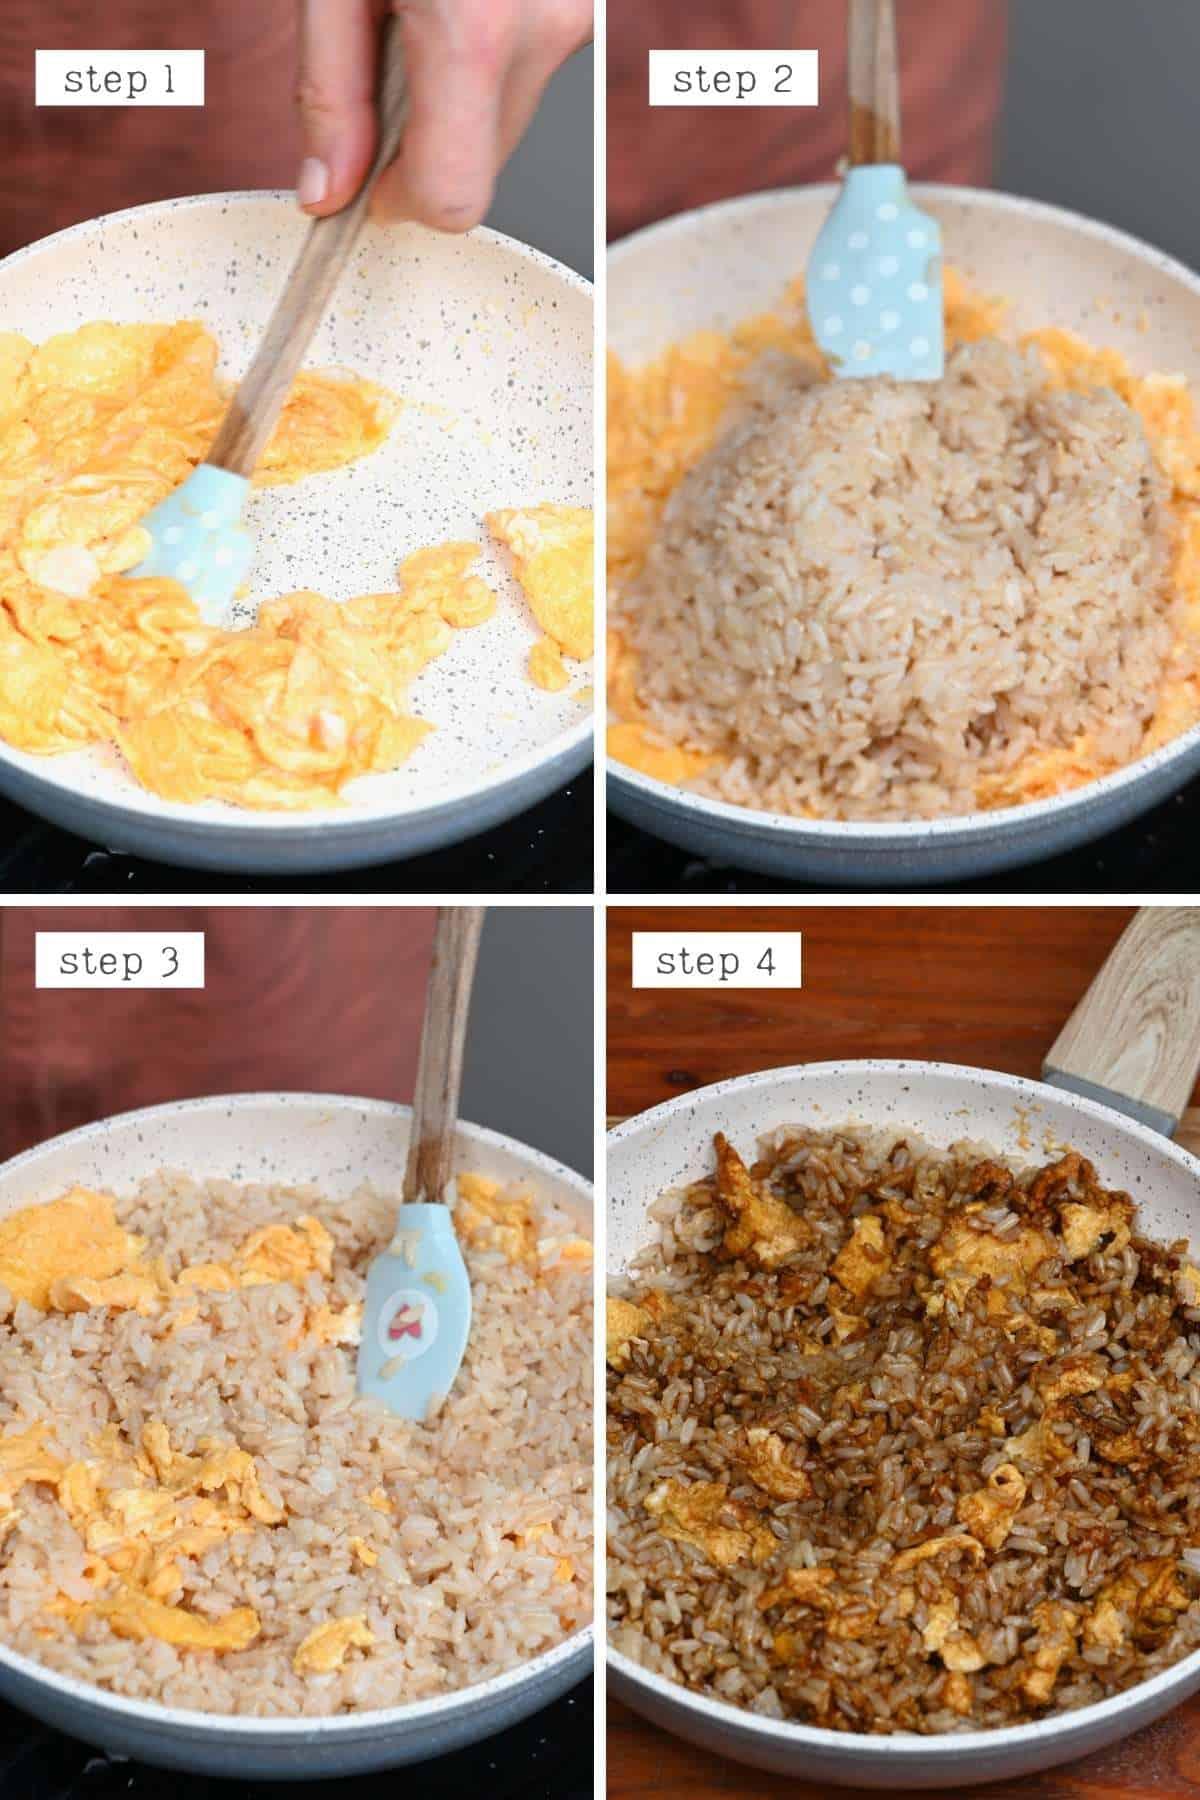 Steps for preparing egg rice breakfast